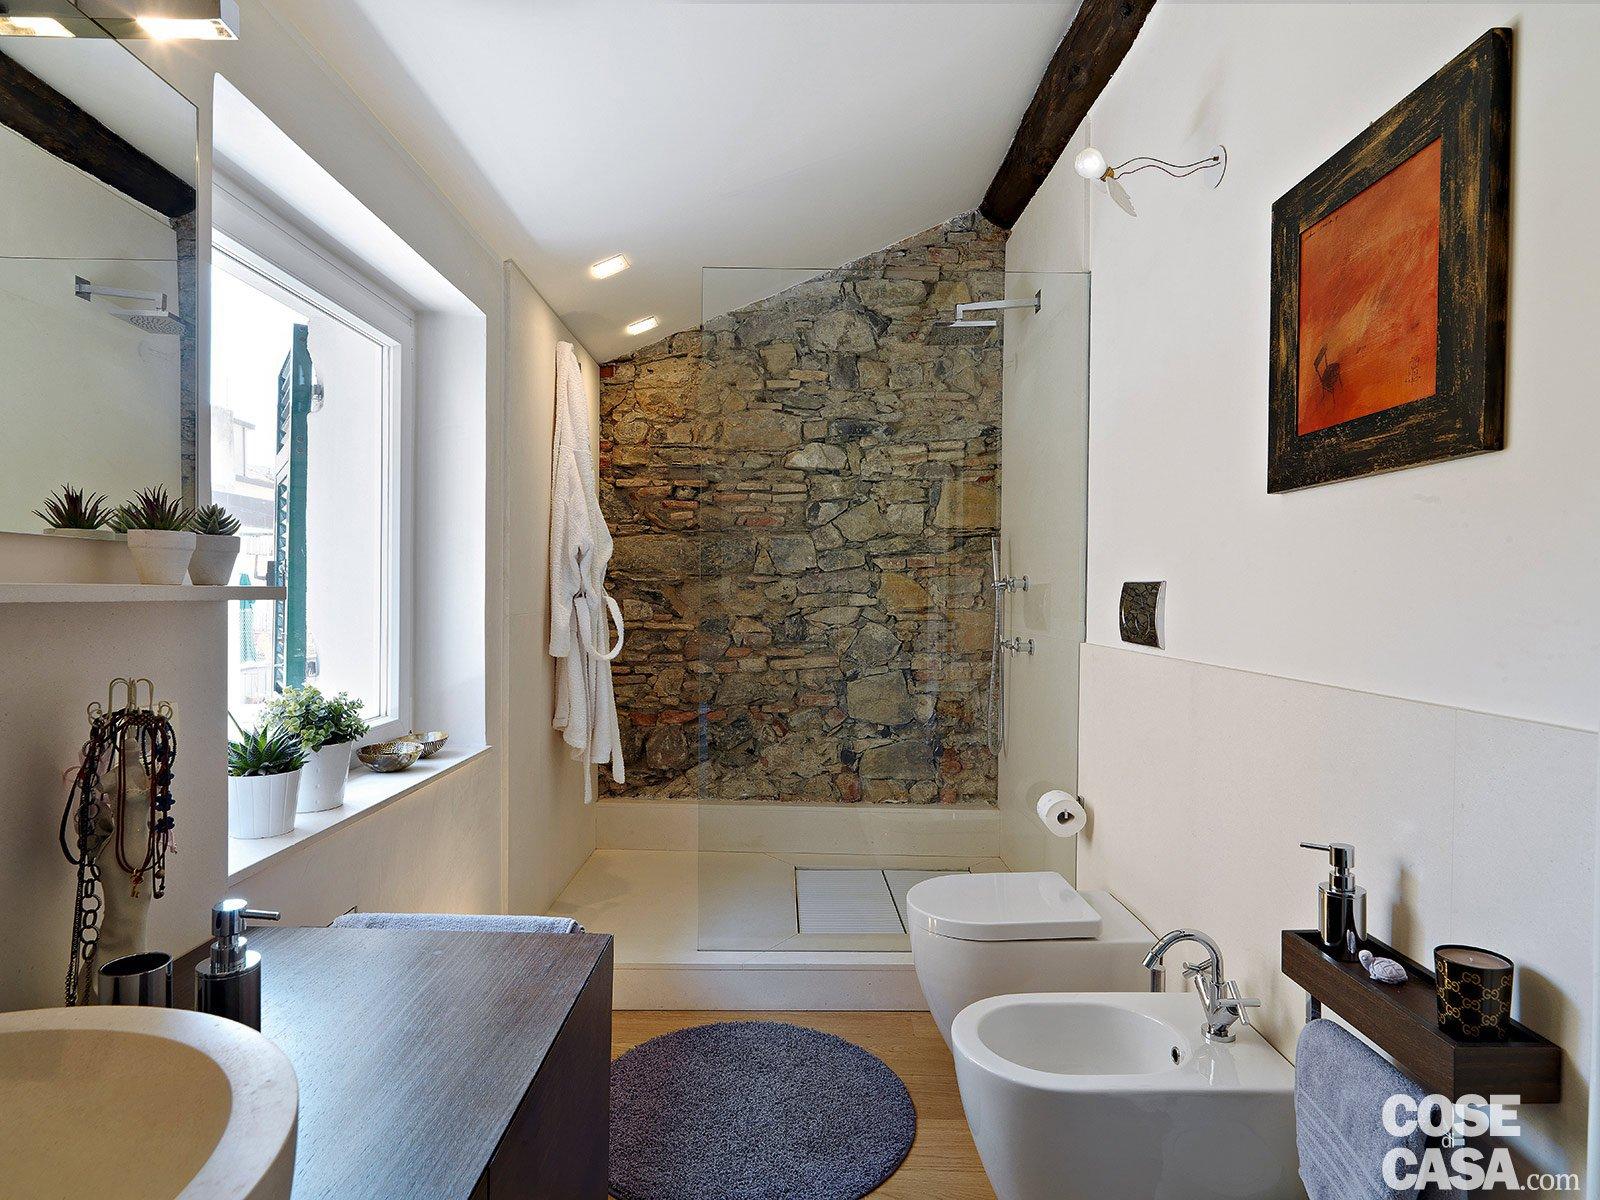 86 mq interni tra passato e presente cose di casa - Casa interni moderni ...